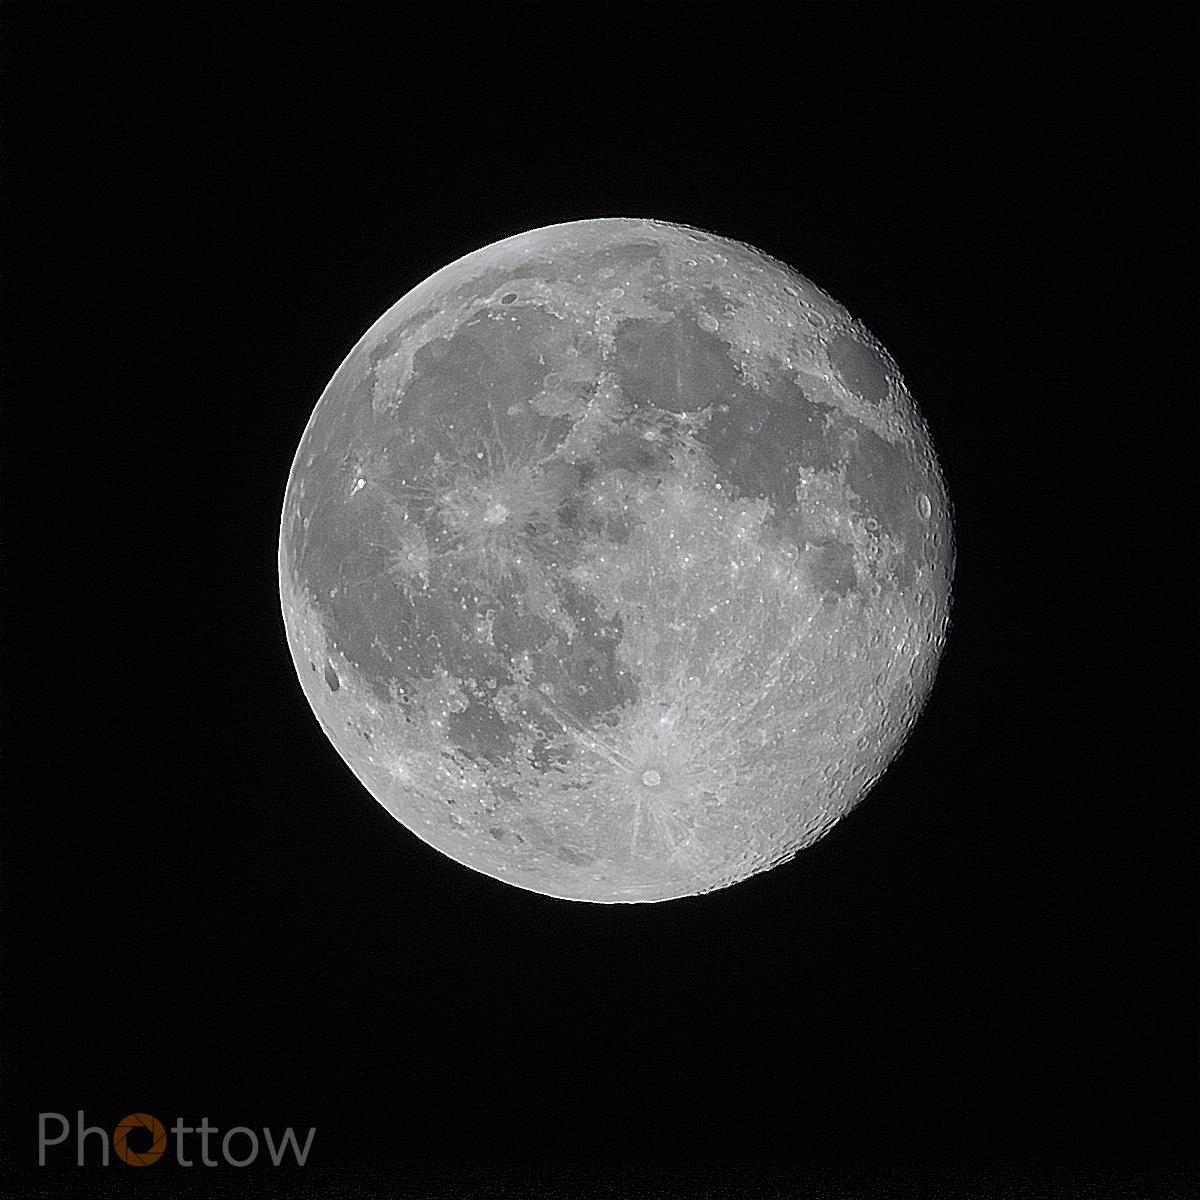 Mond über Dresden, 11.06.2017, 00:08 Uhr // Olympus OM-D E-M1 - 600 mm - f8.0 - ISO200 - 1/200 s